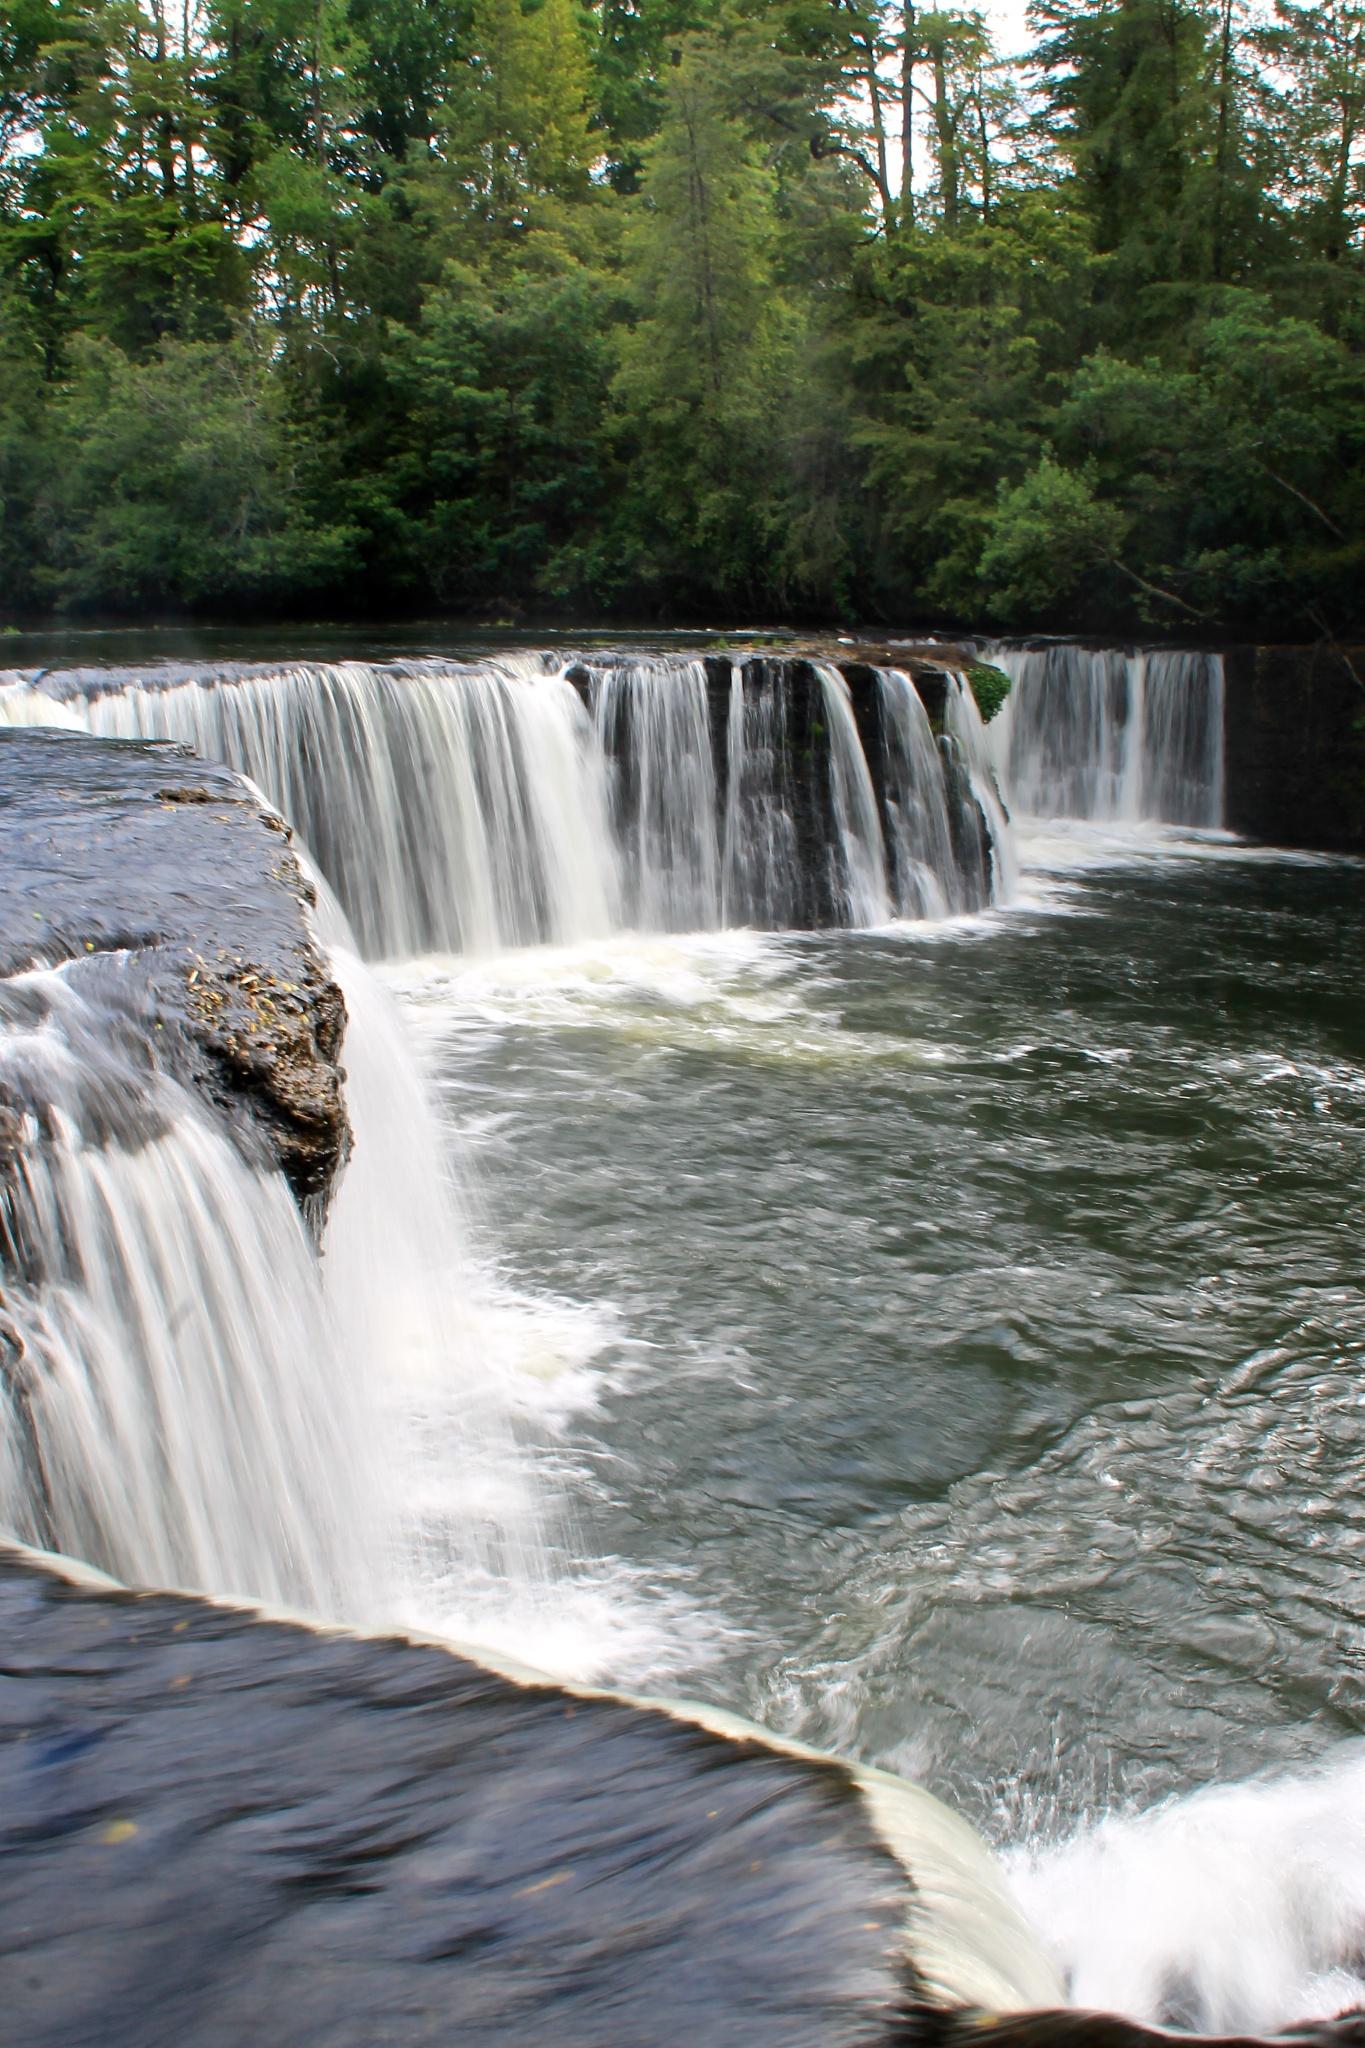 Salto Río Donguil, en obturación lenta. by Héctor Eduardo Soto Arias